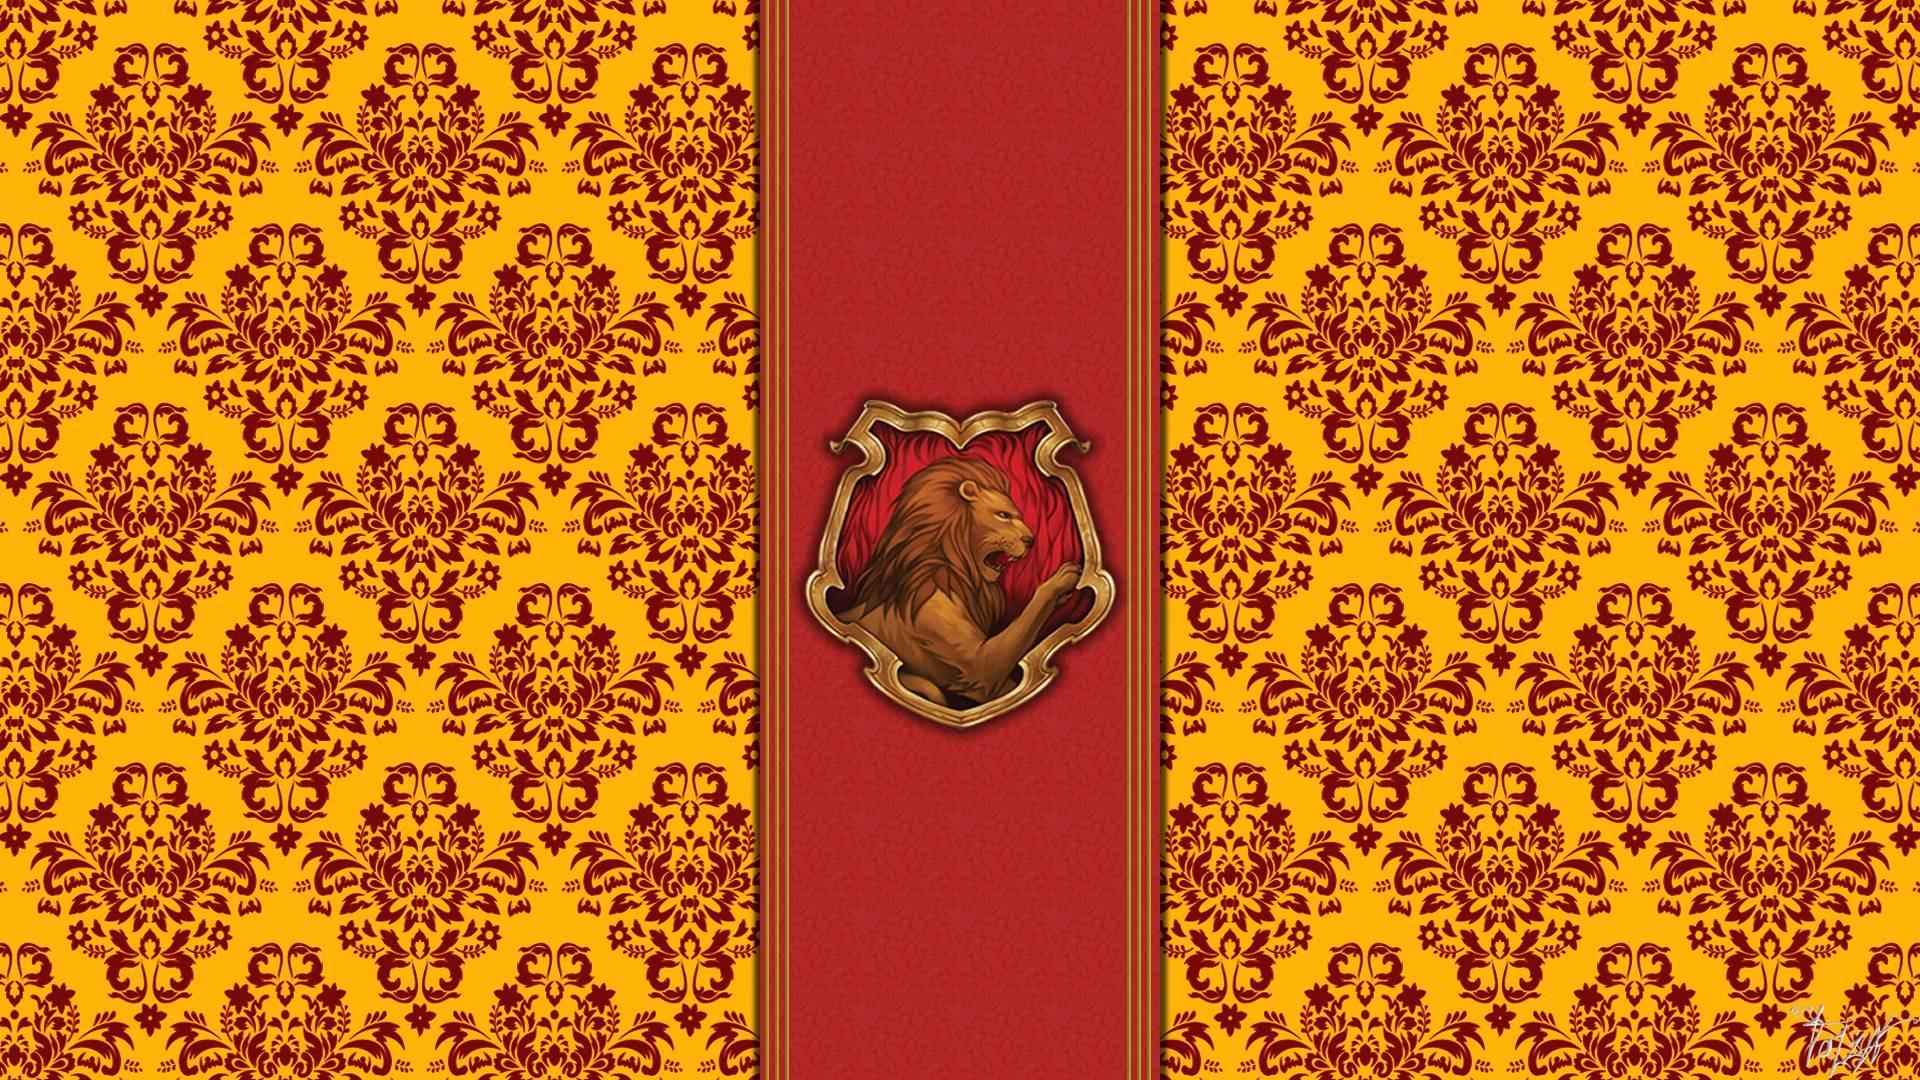 Gryffindor Wallpaper HD (74+ images)